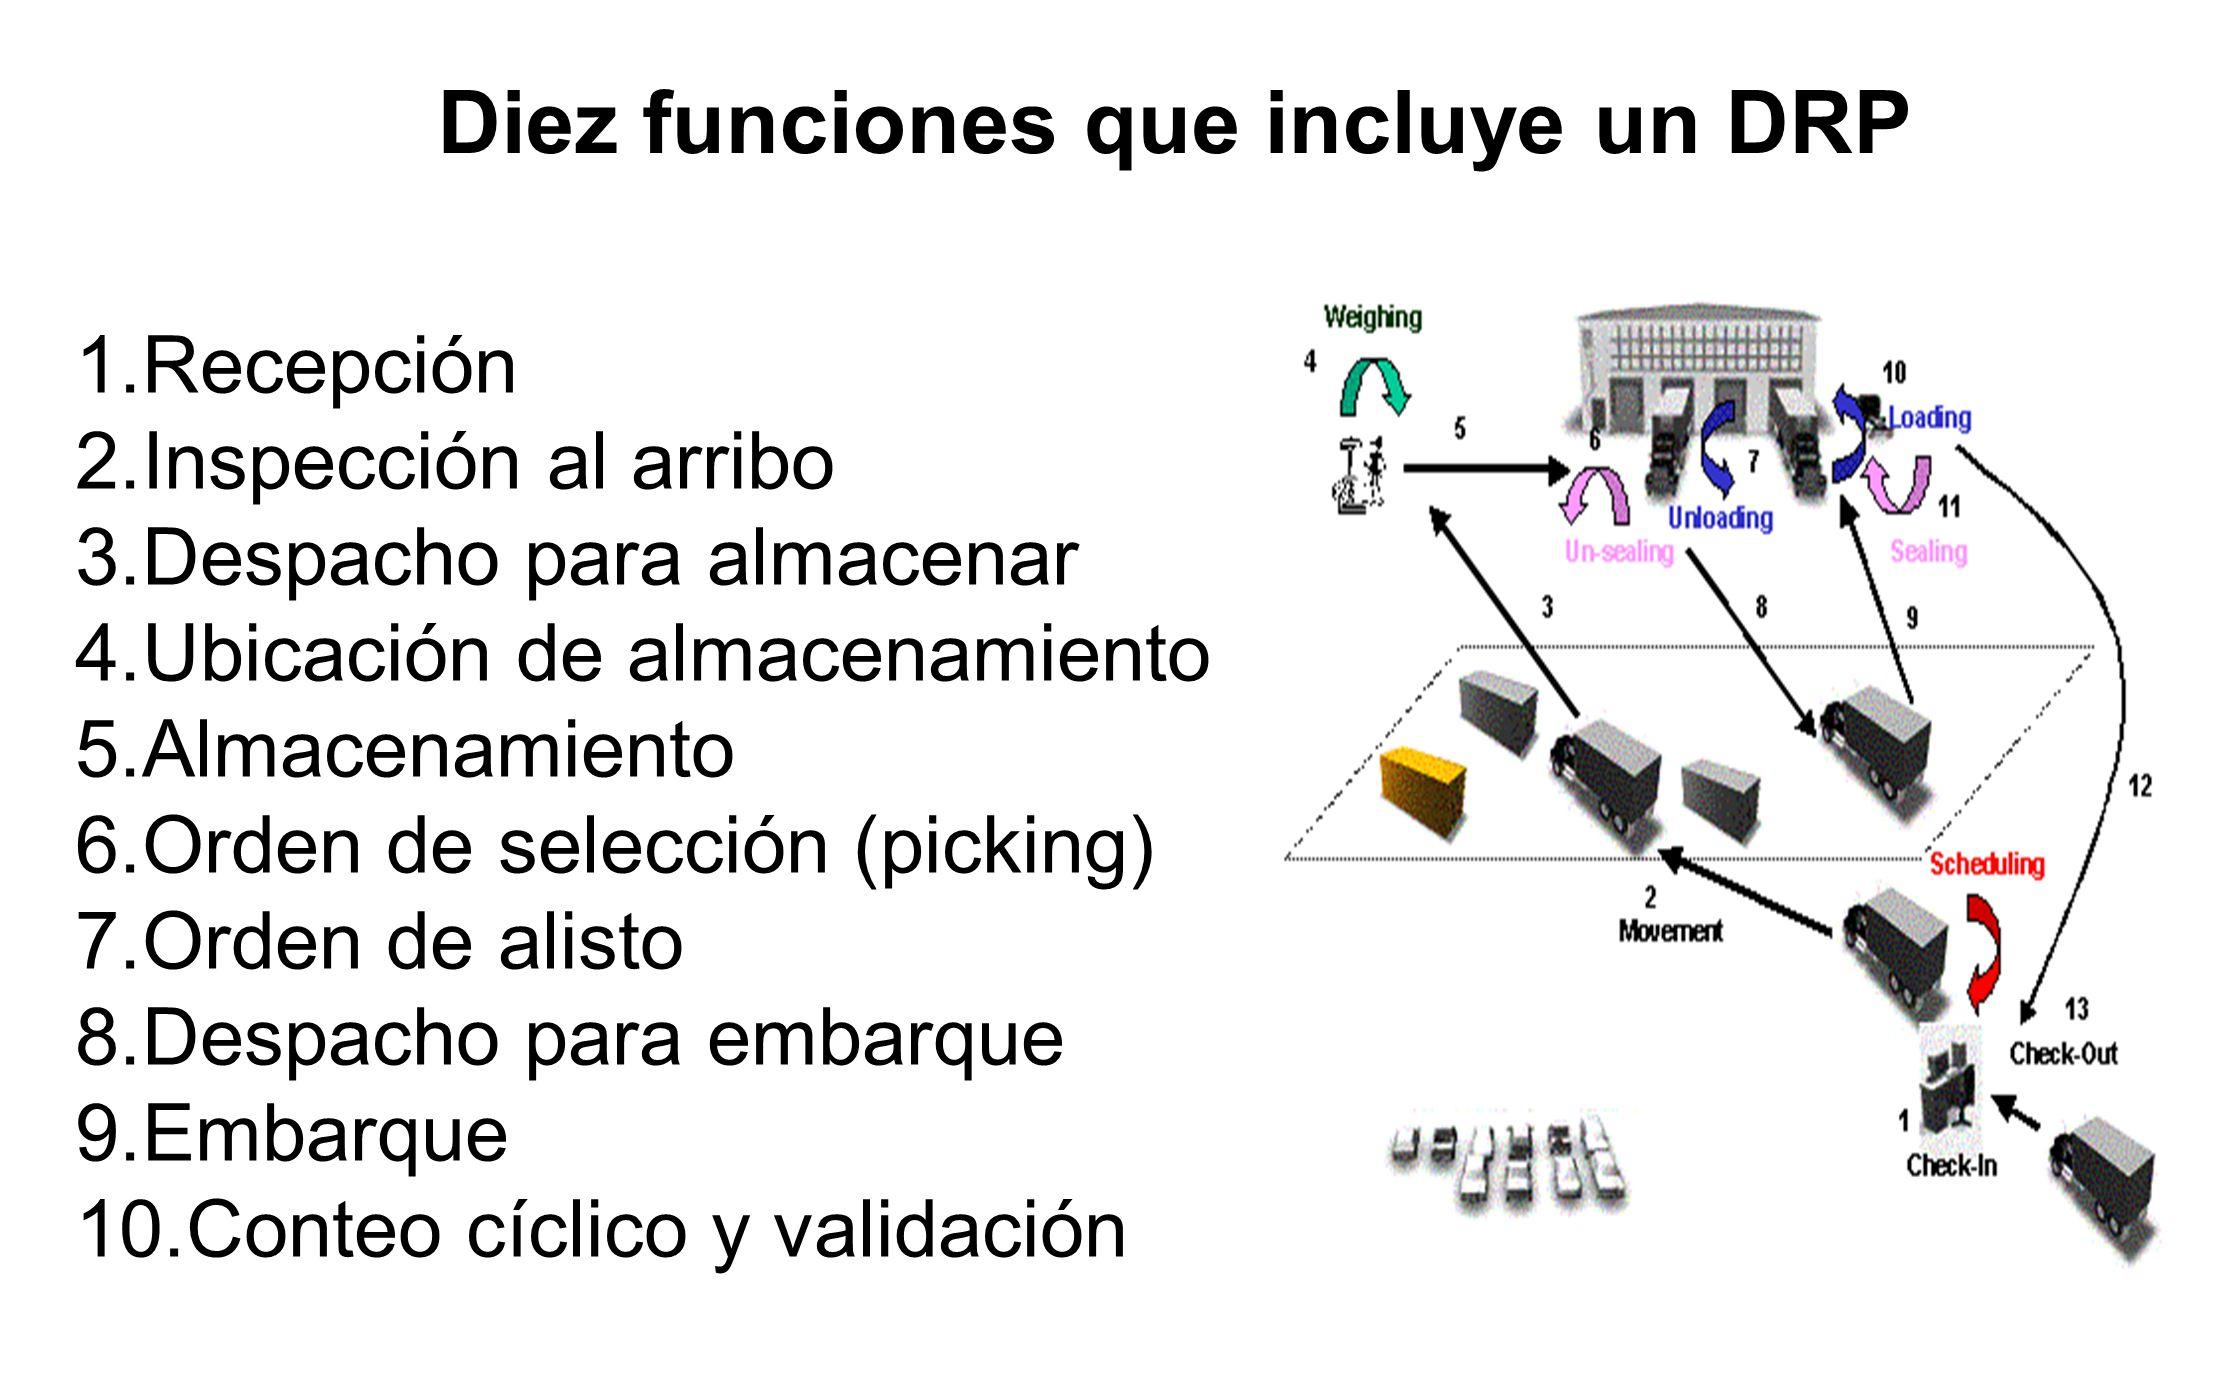 Diez funciones que incluye un DRP